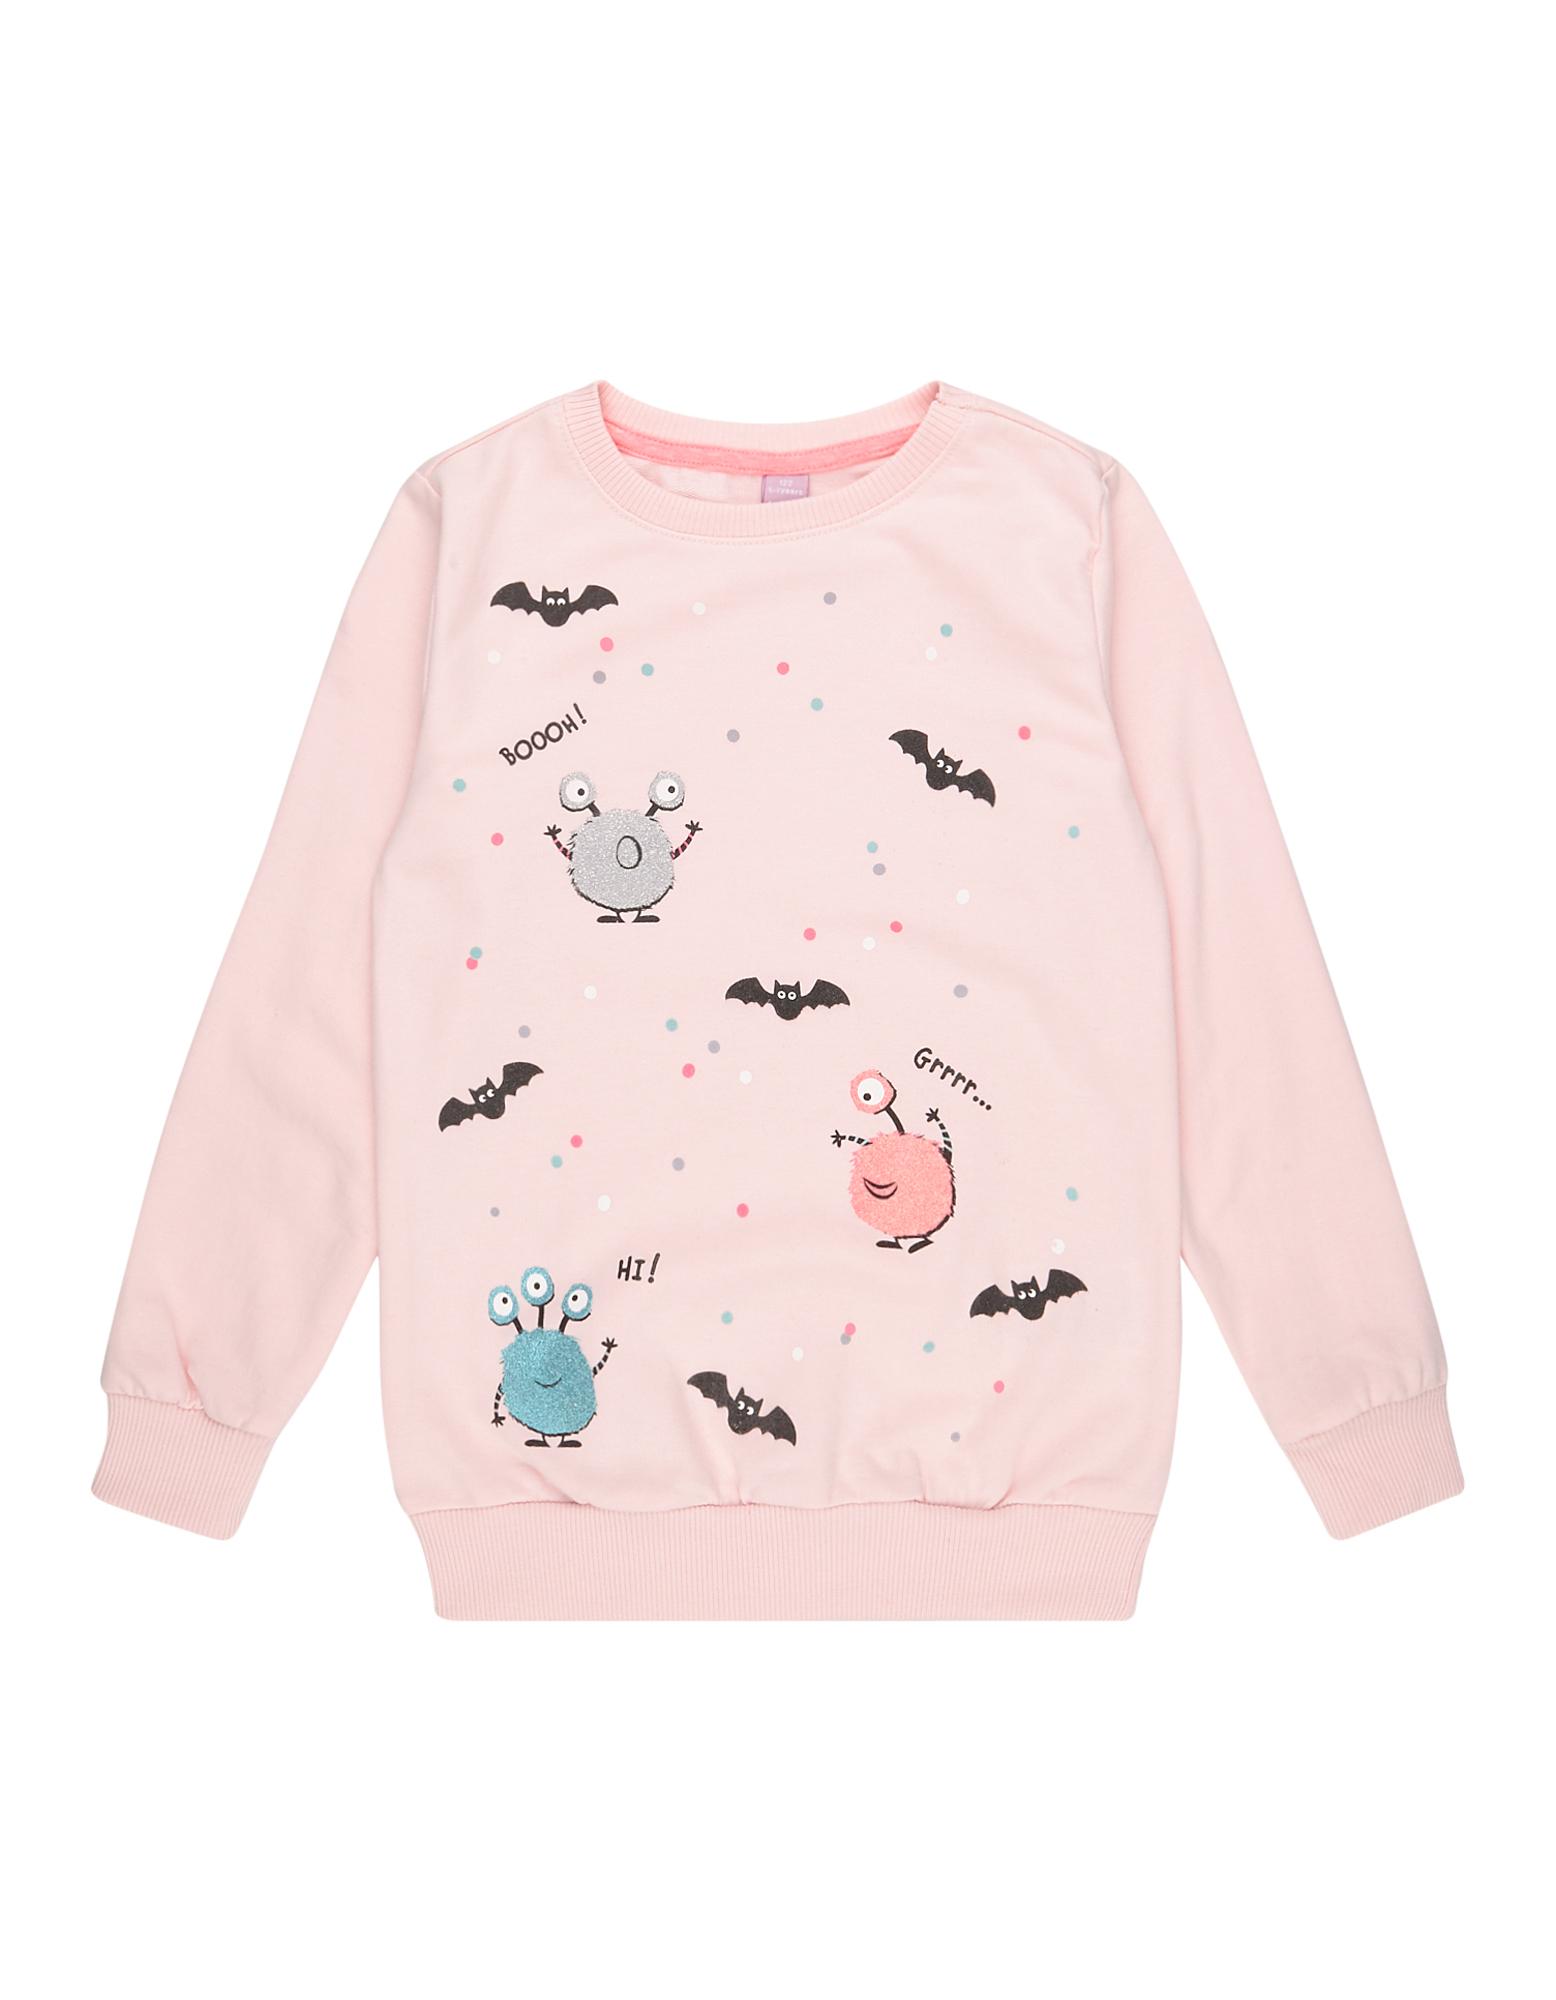 Mädchen Sweatshirt mit Print  | 81528724000809